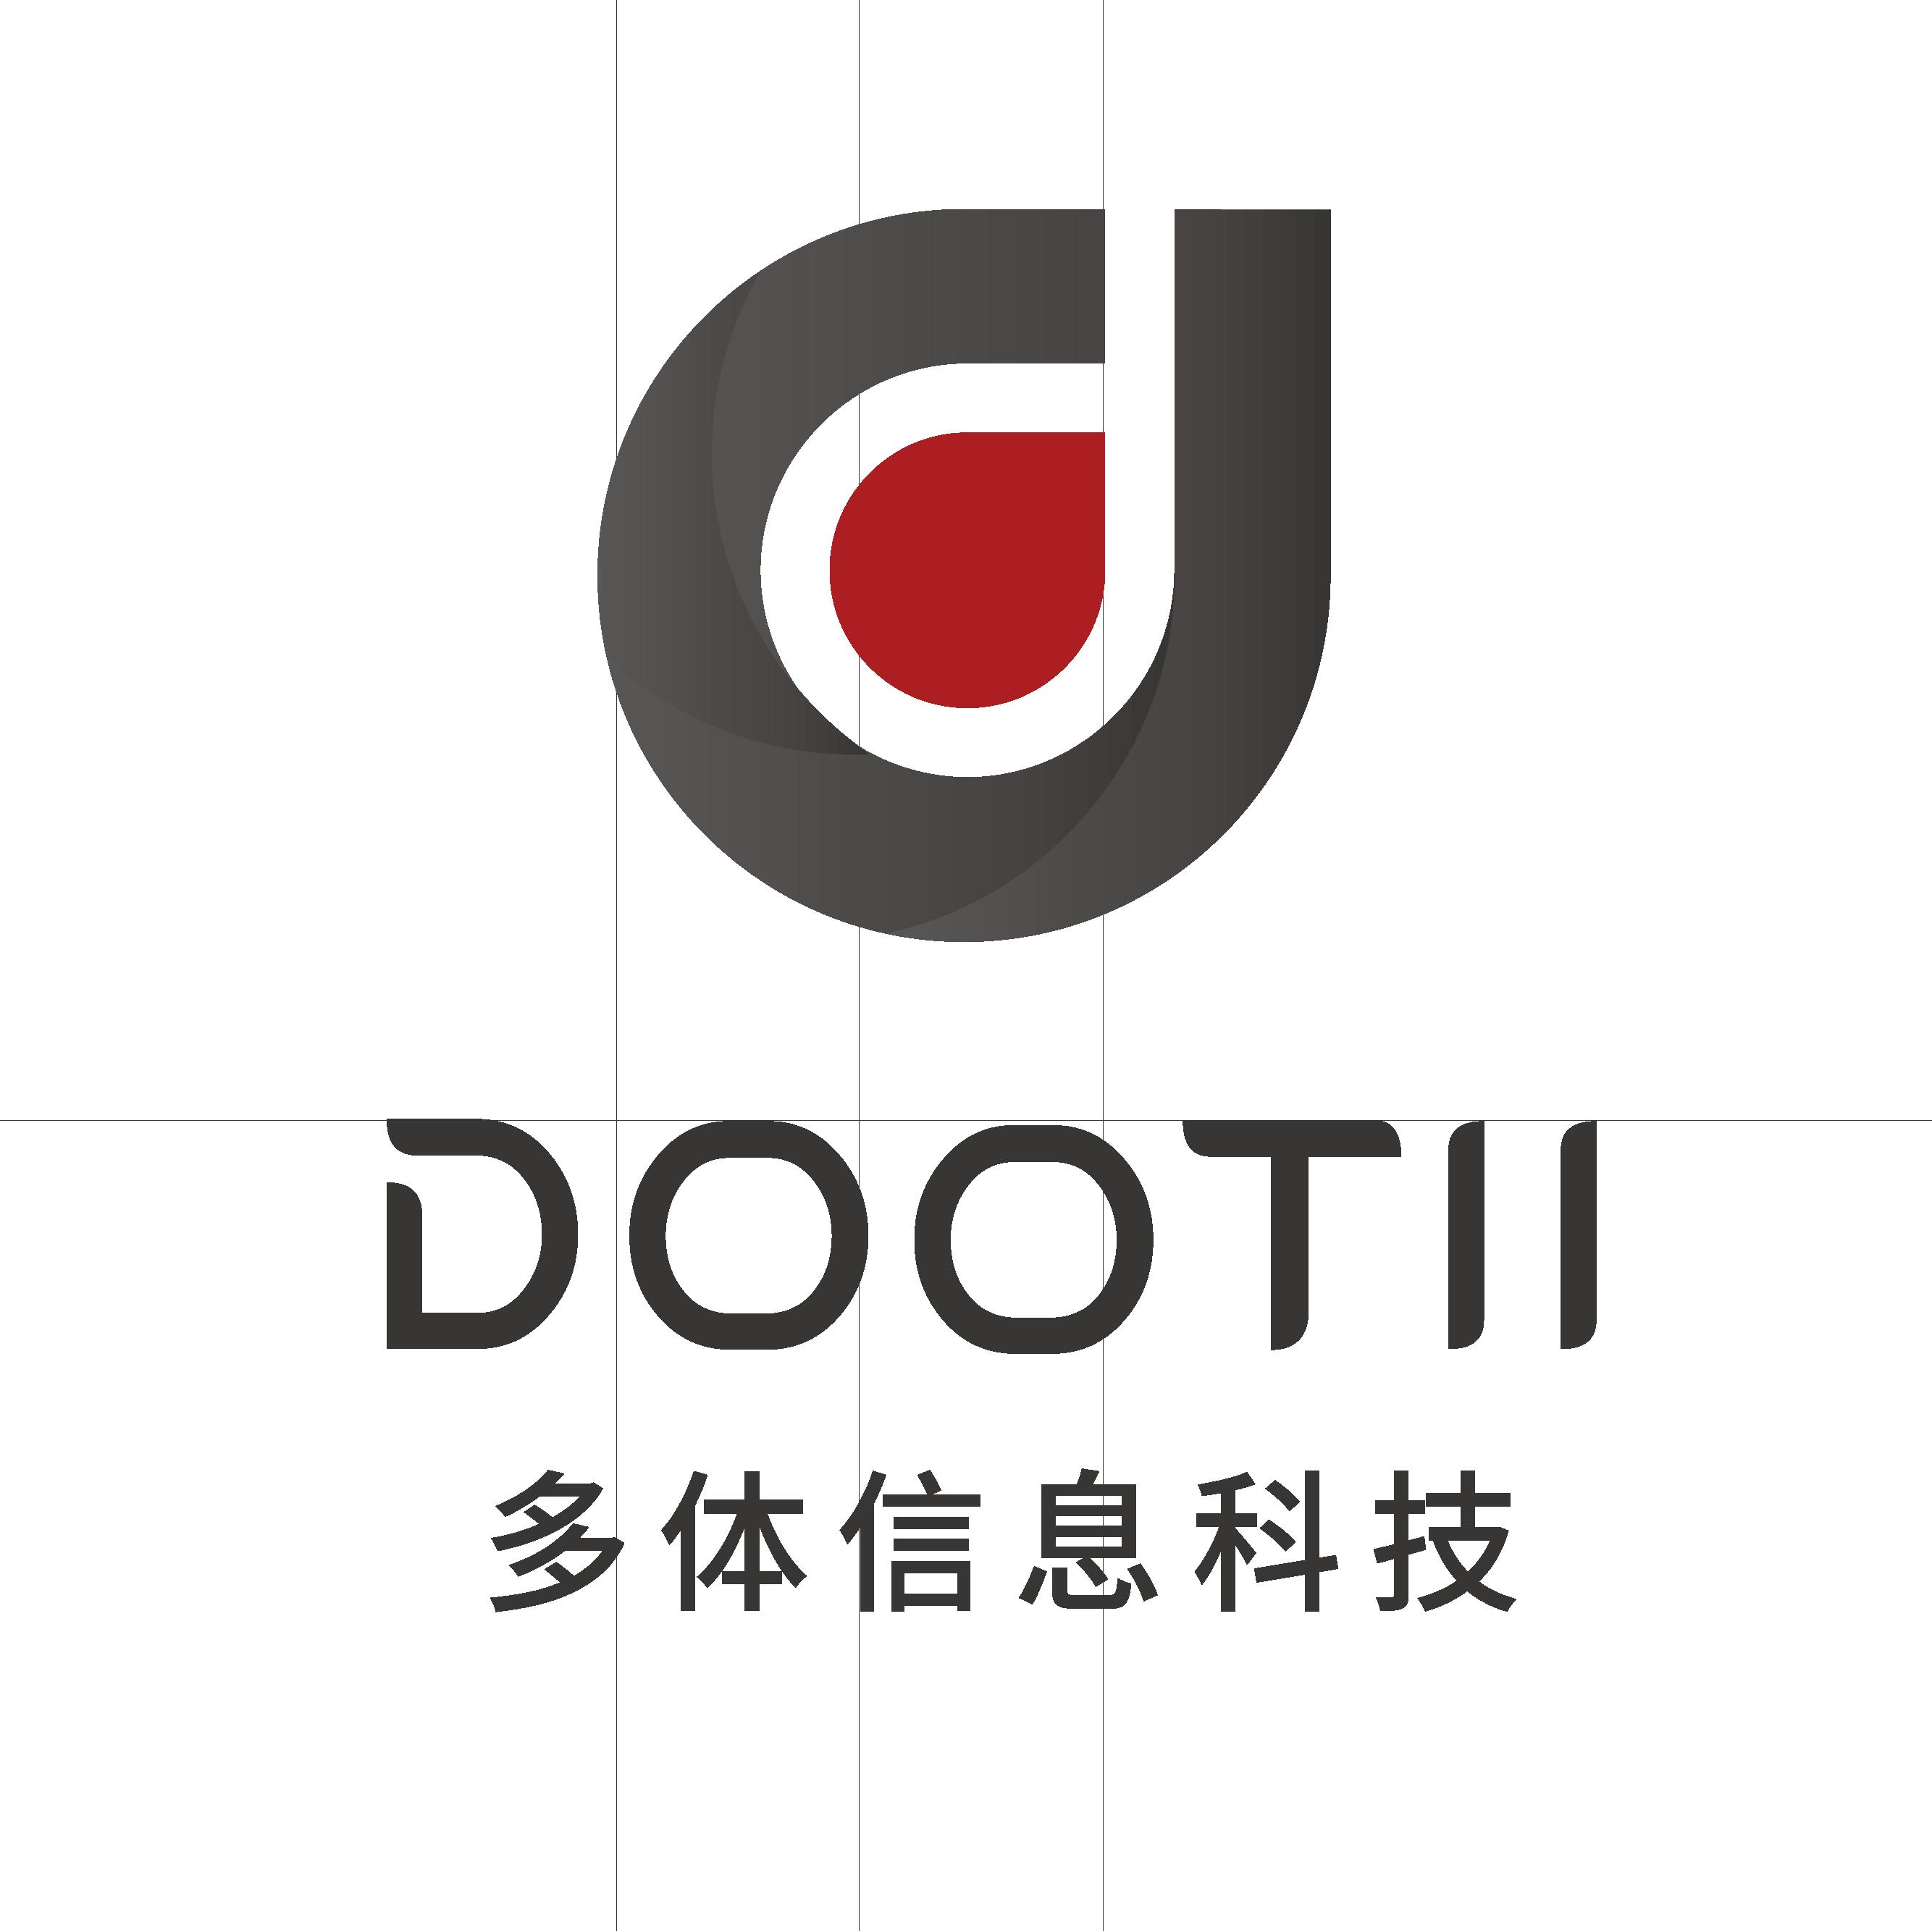 DOOTII